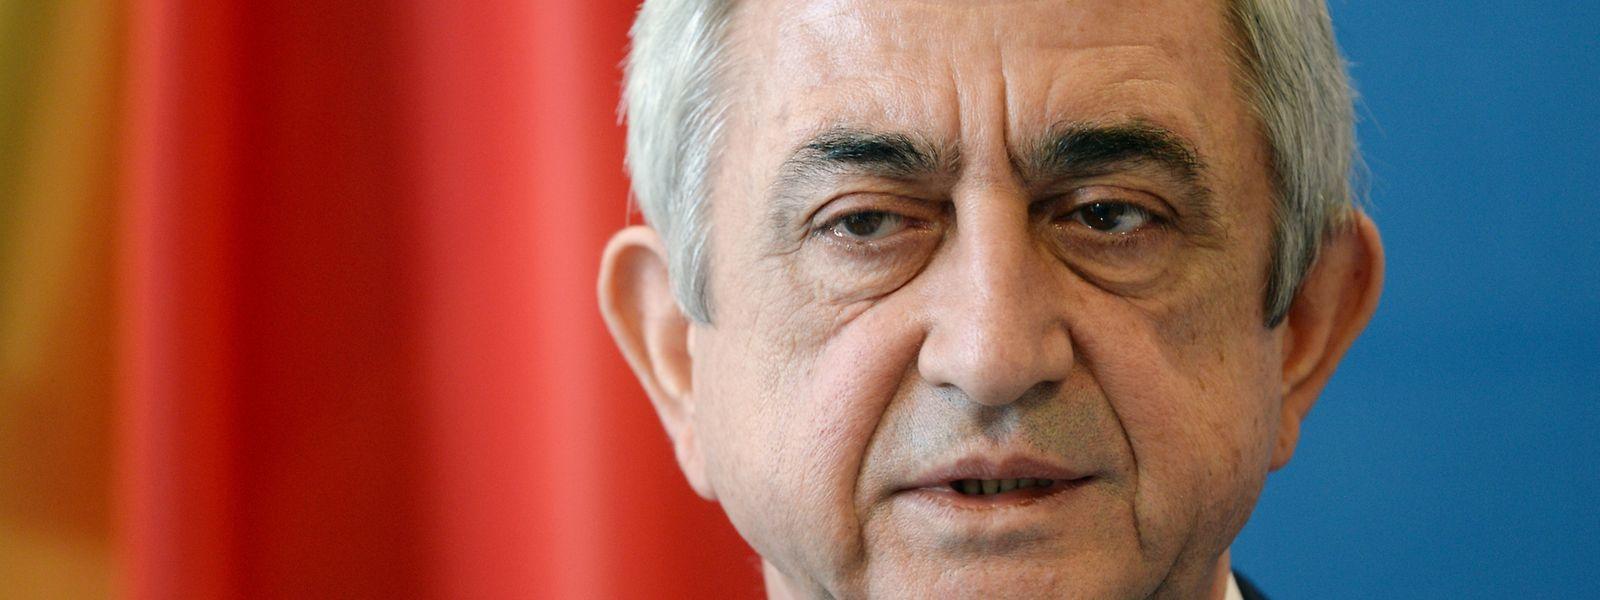 Sersch Sargsjan, Präsident vonArmenien, ist zurückgetreten.